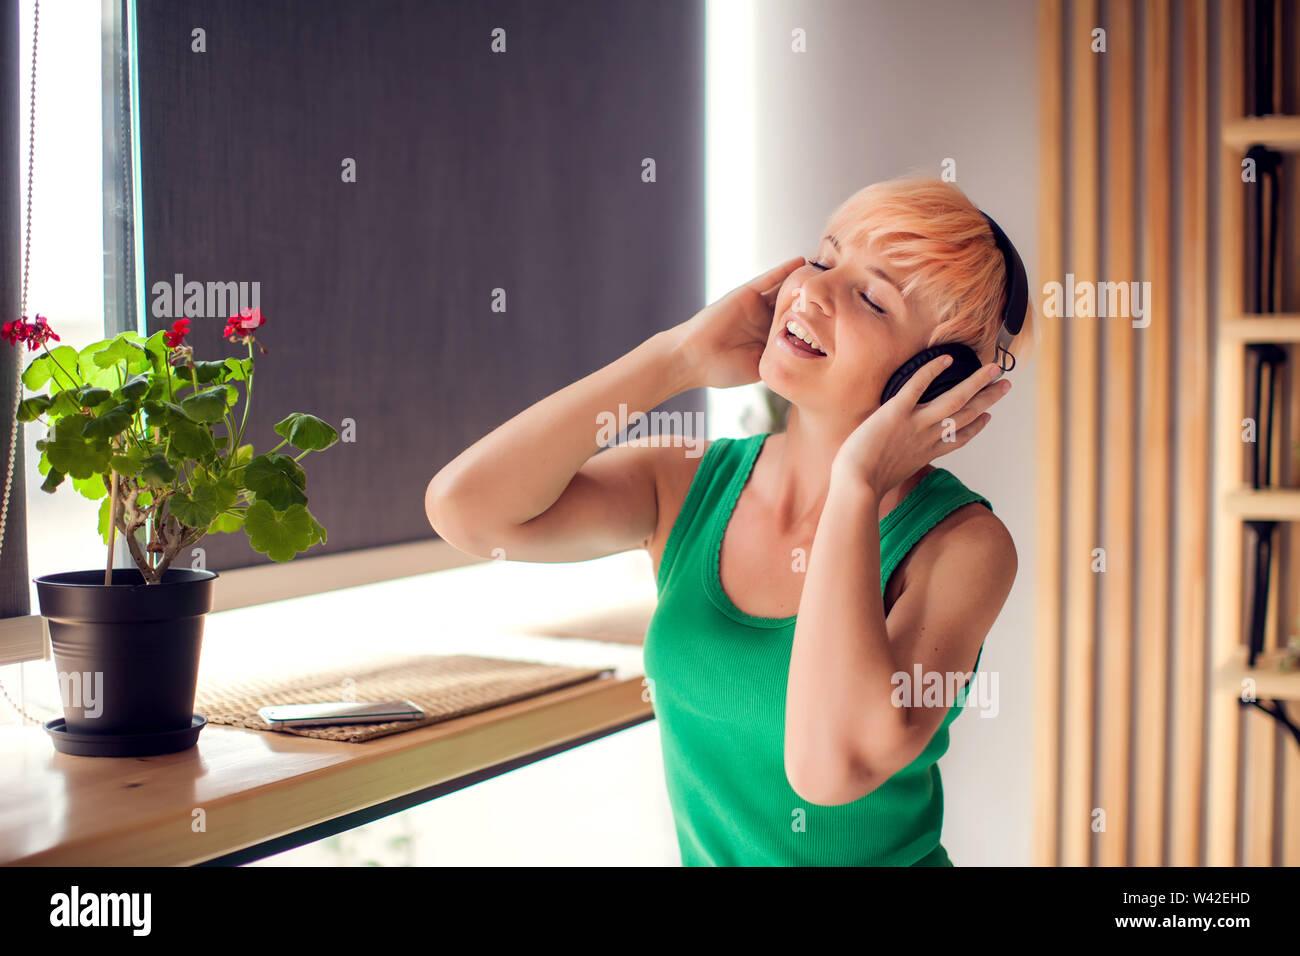 Junge Frau mit kurzen Haaren für Musik hören mit Kopfhörern indoor. Menschen und Lifestyle Konzept Stockfoto